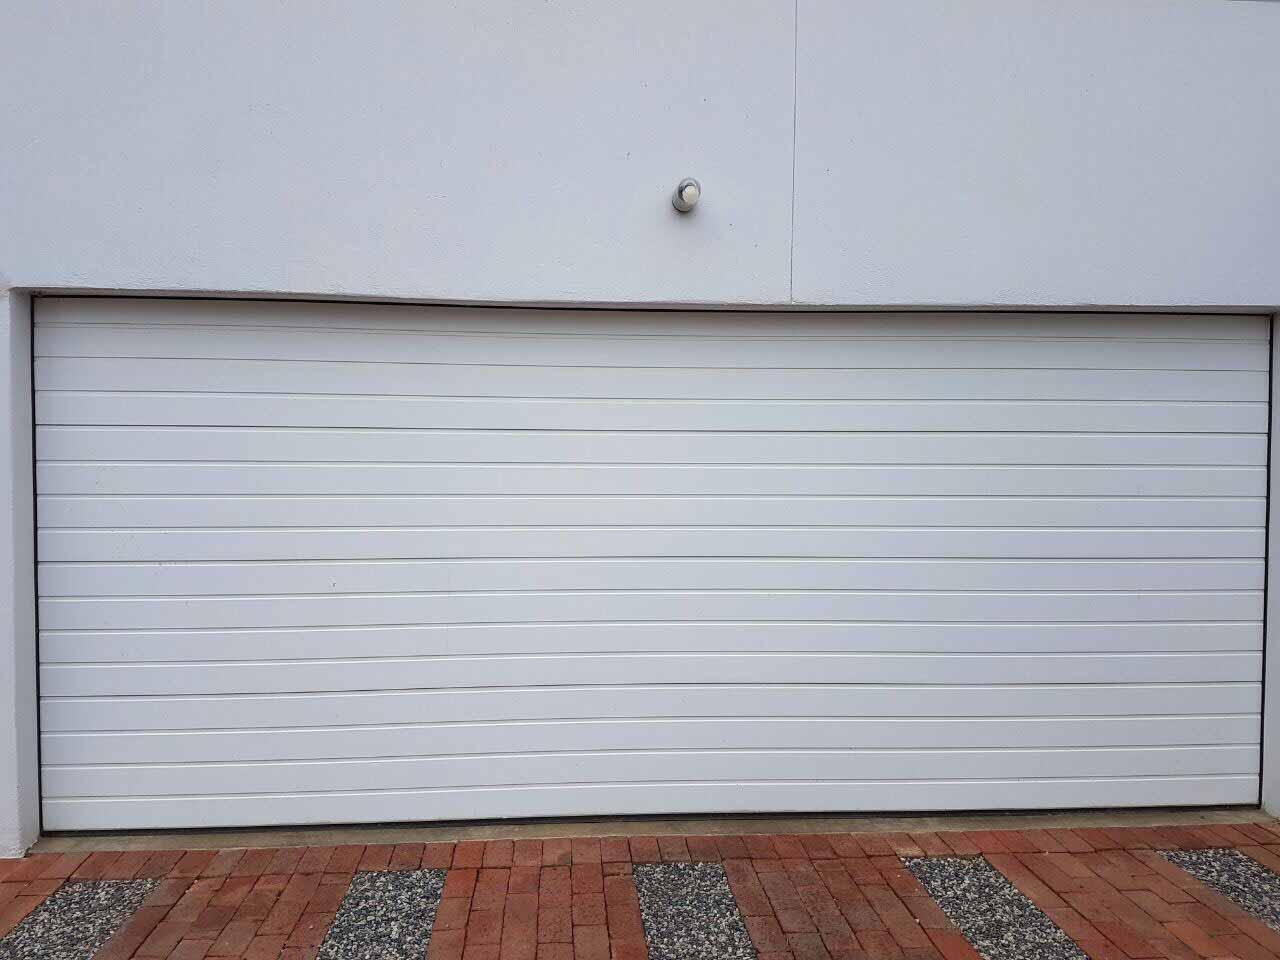 960 #70473B DoorNet Garage Door Manufacturers save image Garage Doors Brands 38471280